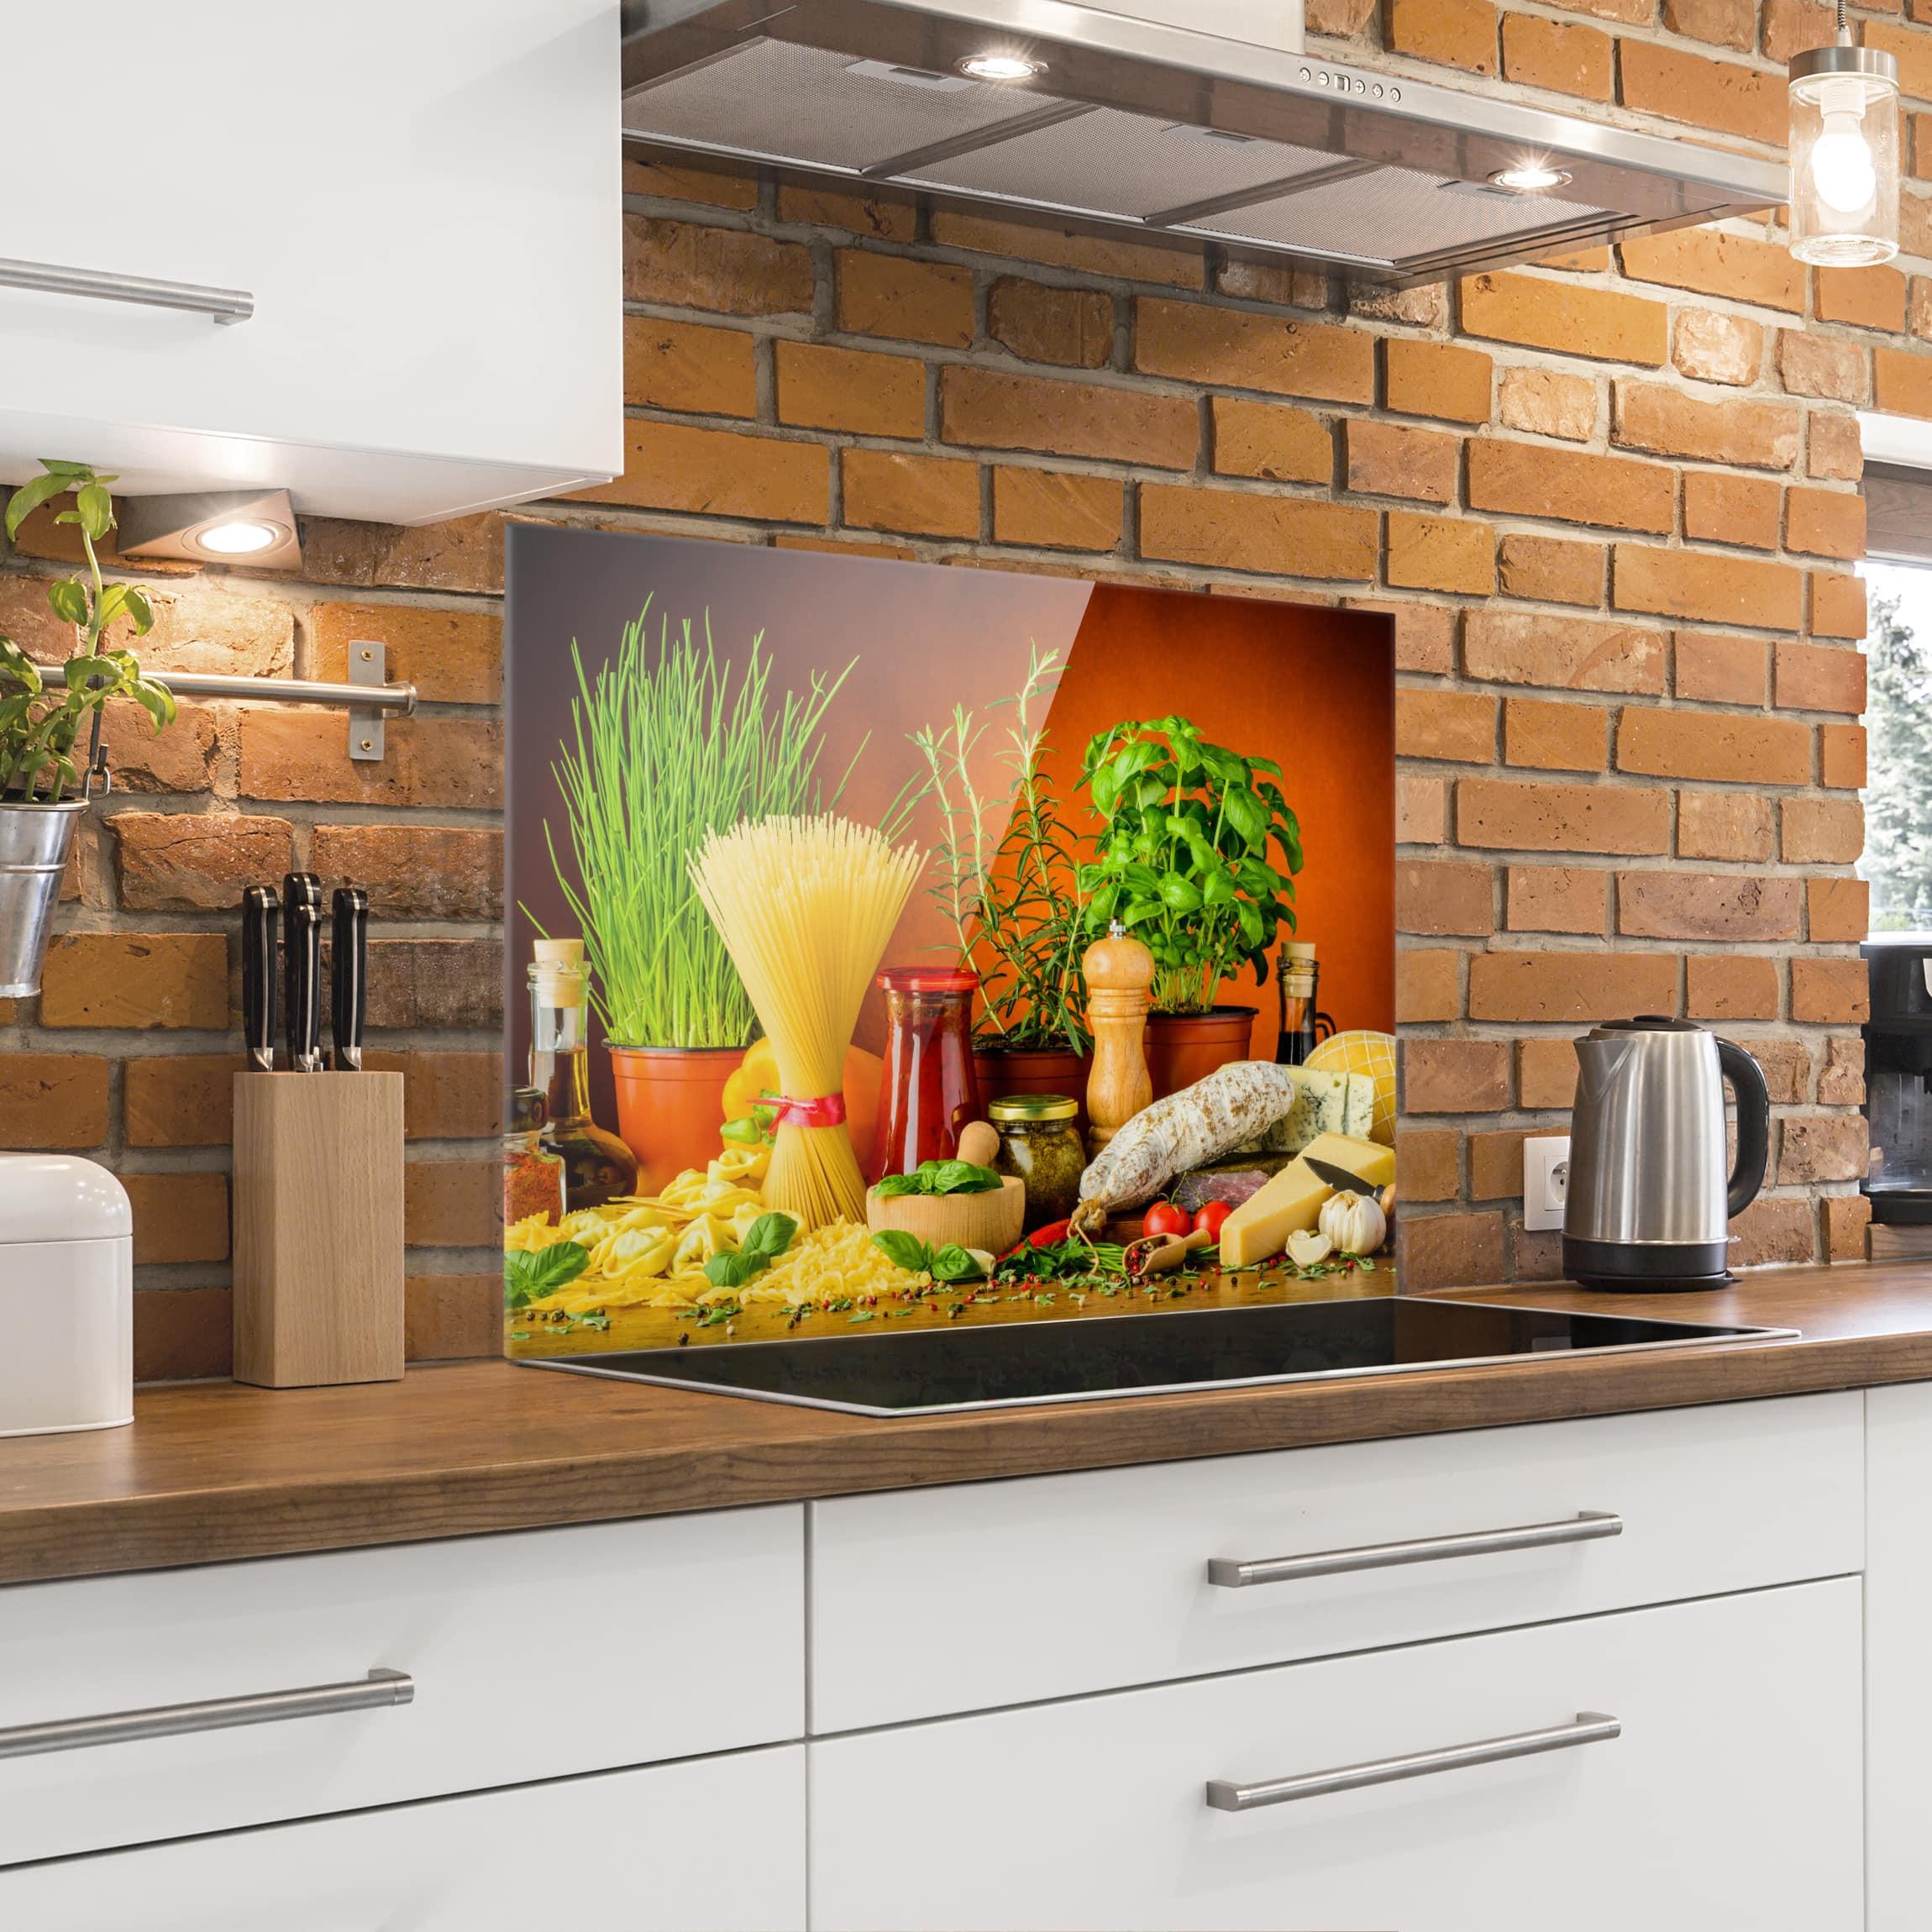 Spritzschutz Küche  Spritzschutz Glas Italienische Küche Querformat 3 4